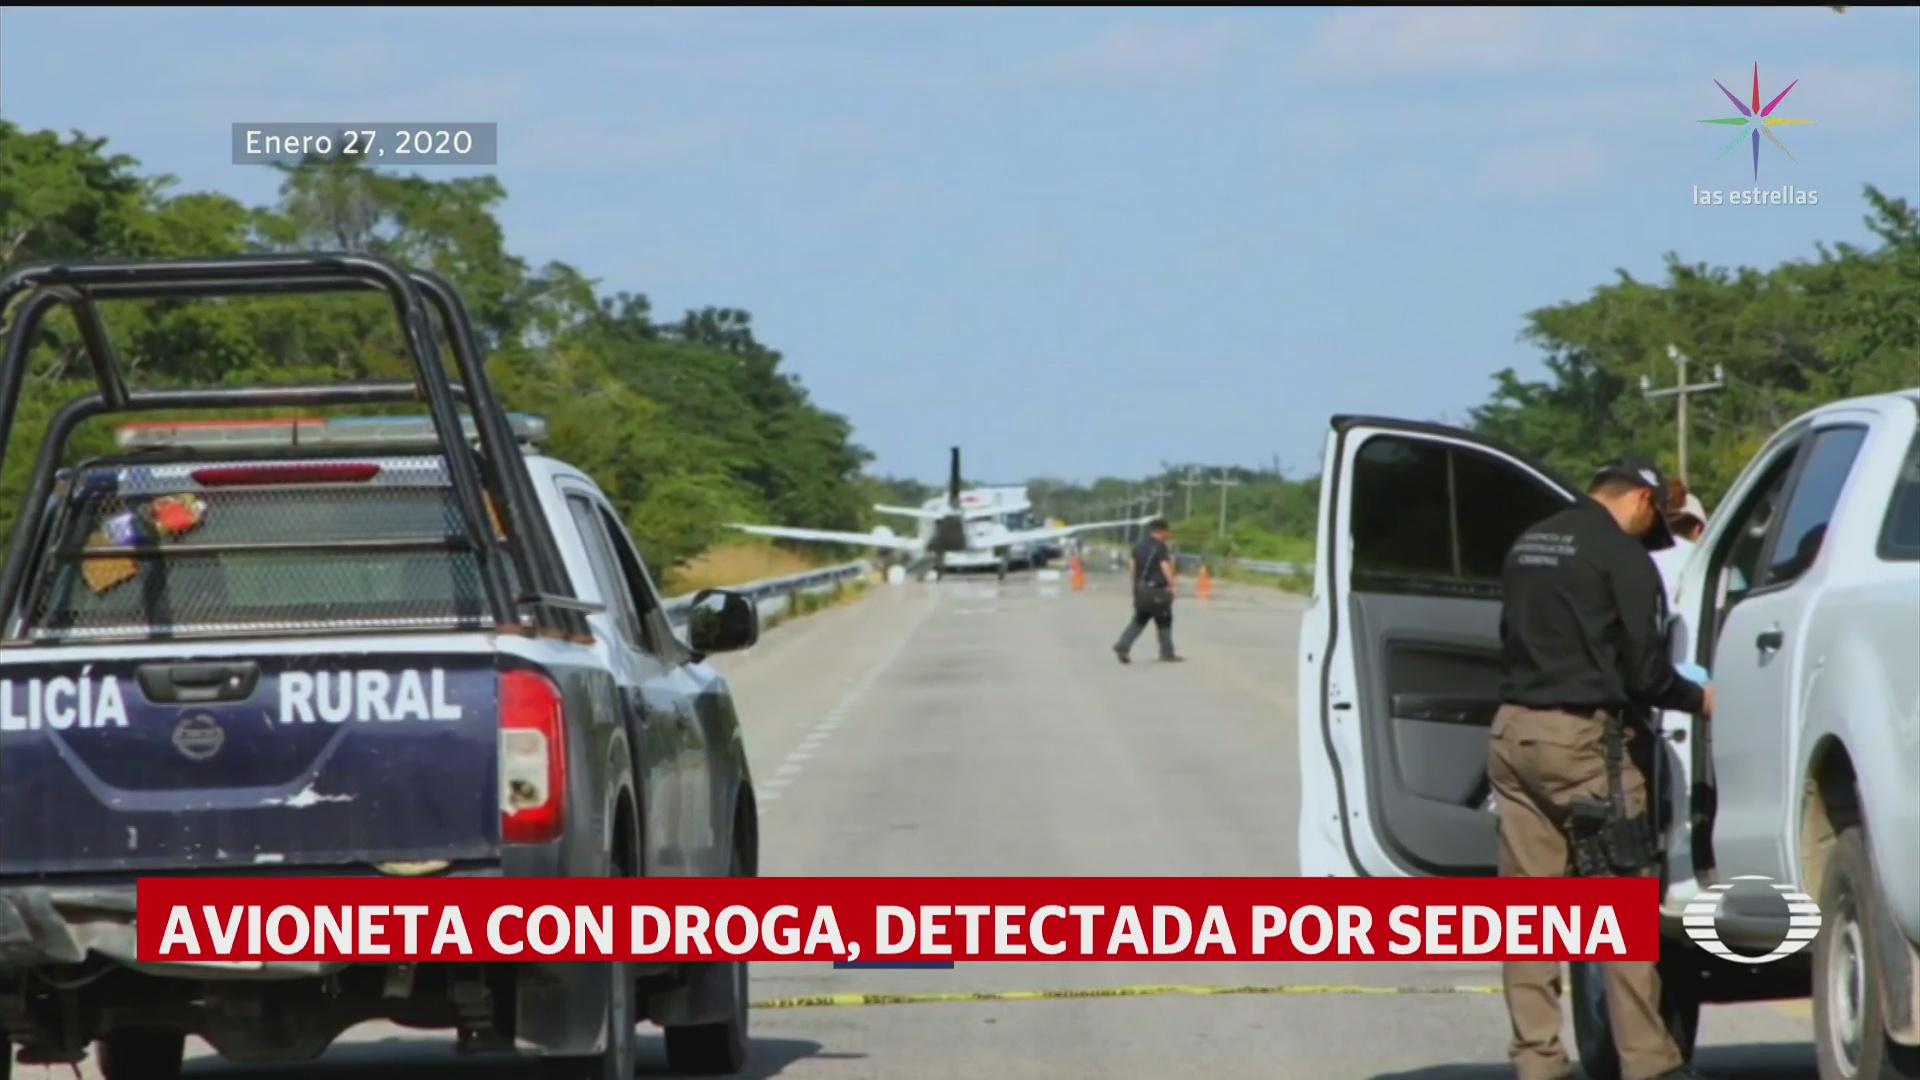 Foto: Video Interceptada Avioneta Droga Bacalar Quintana Roo 10 Febrero 2020